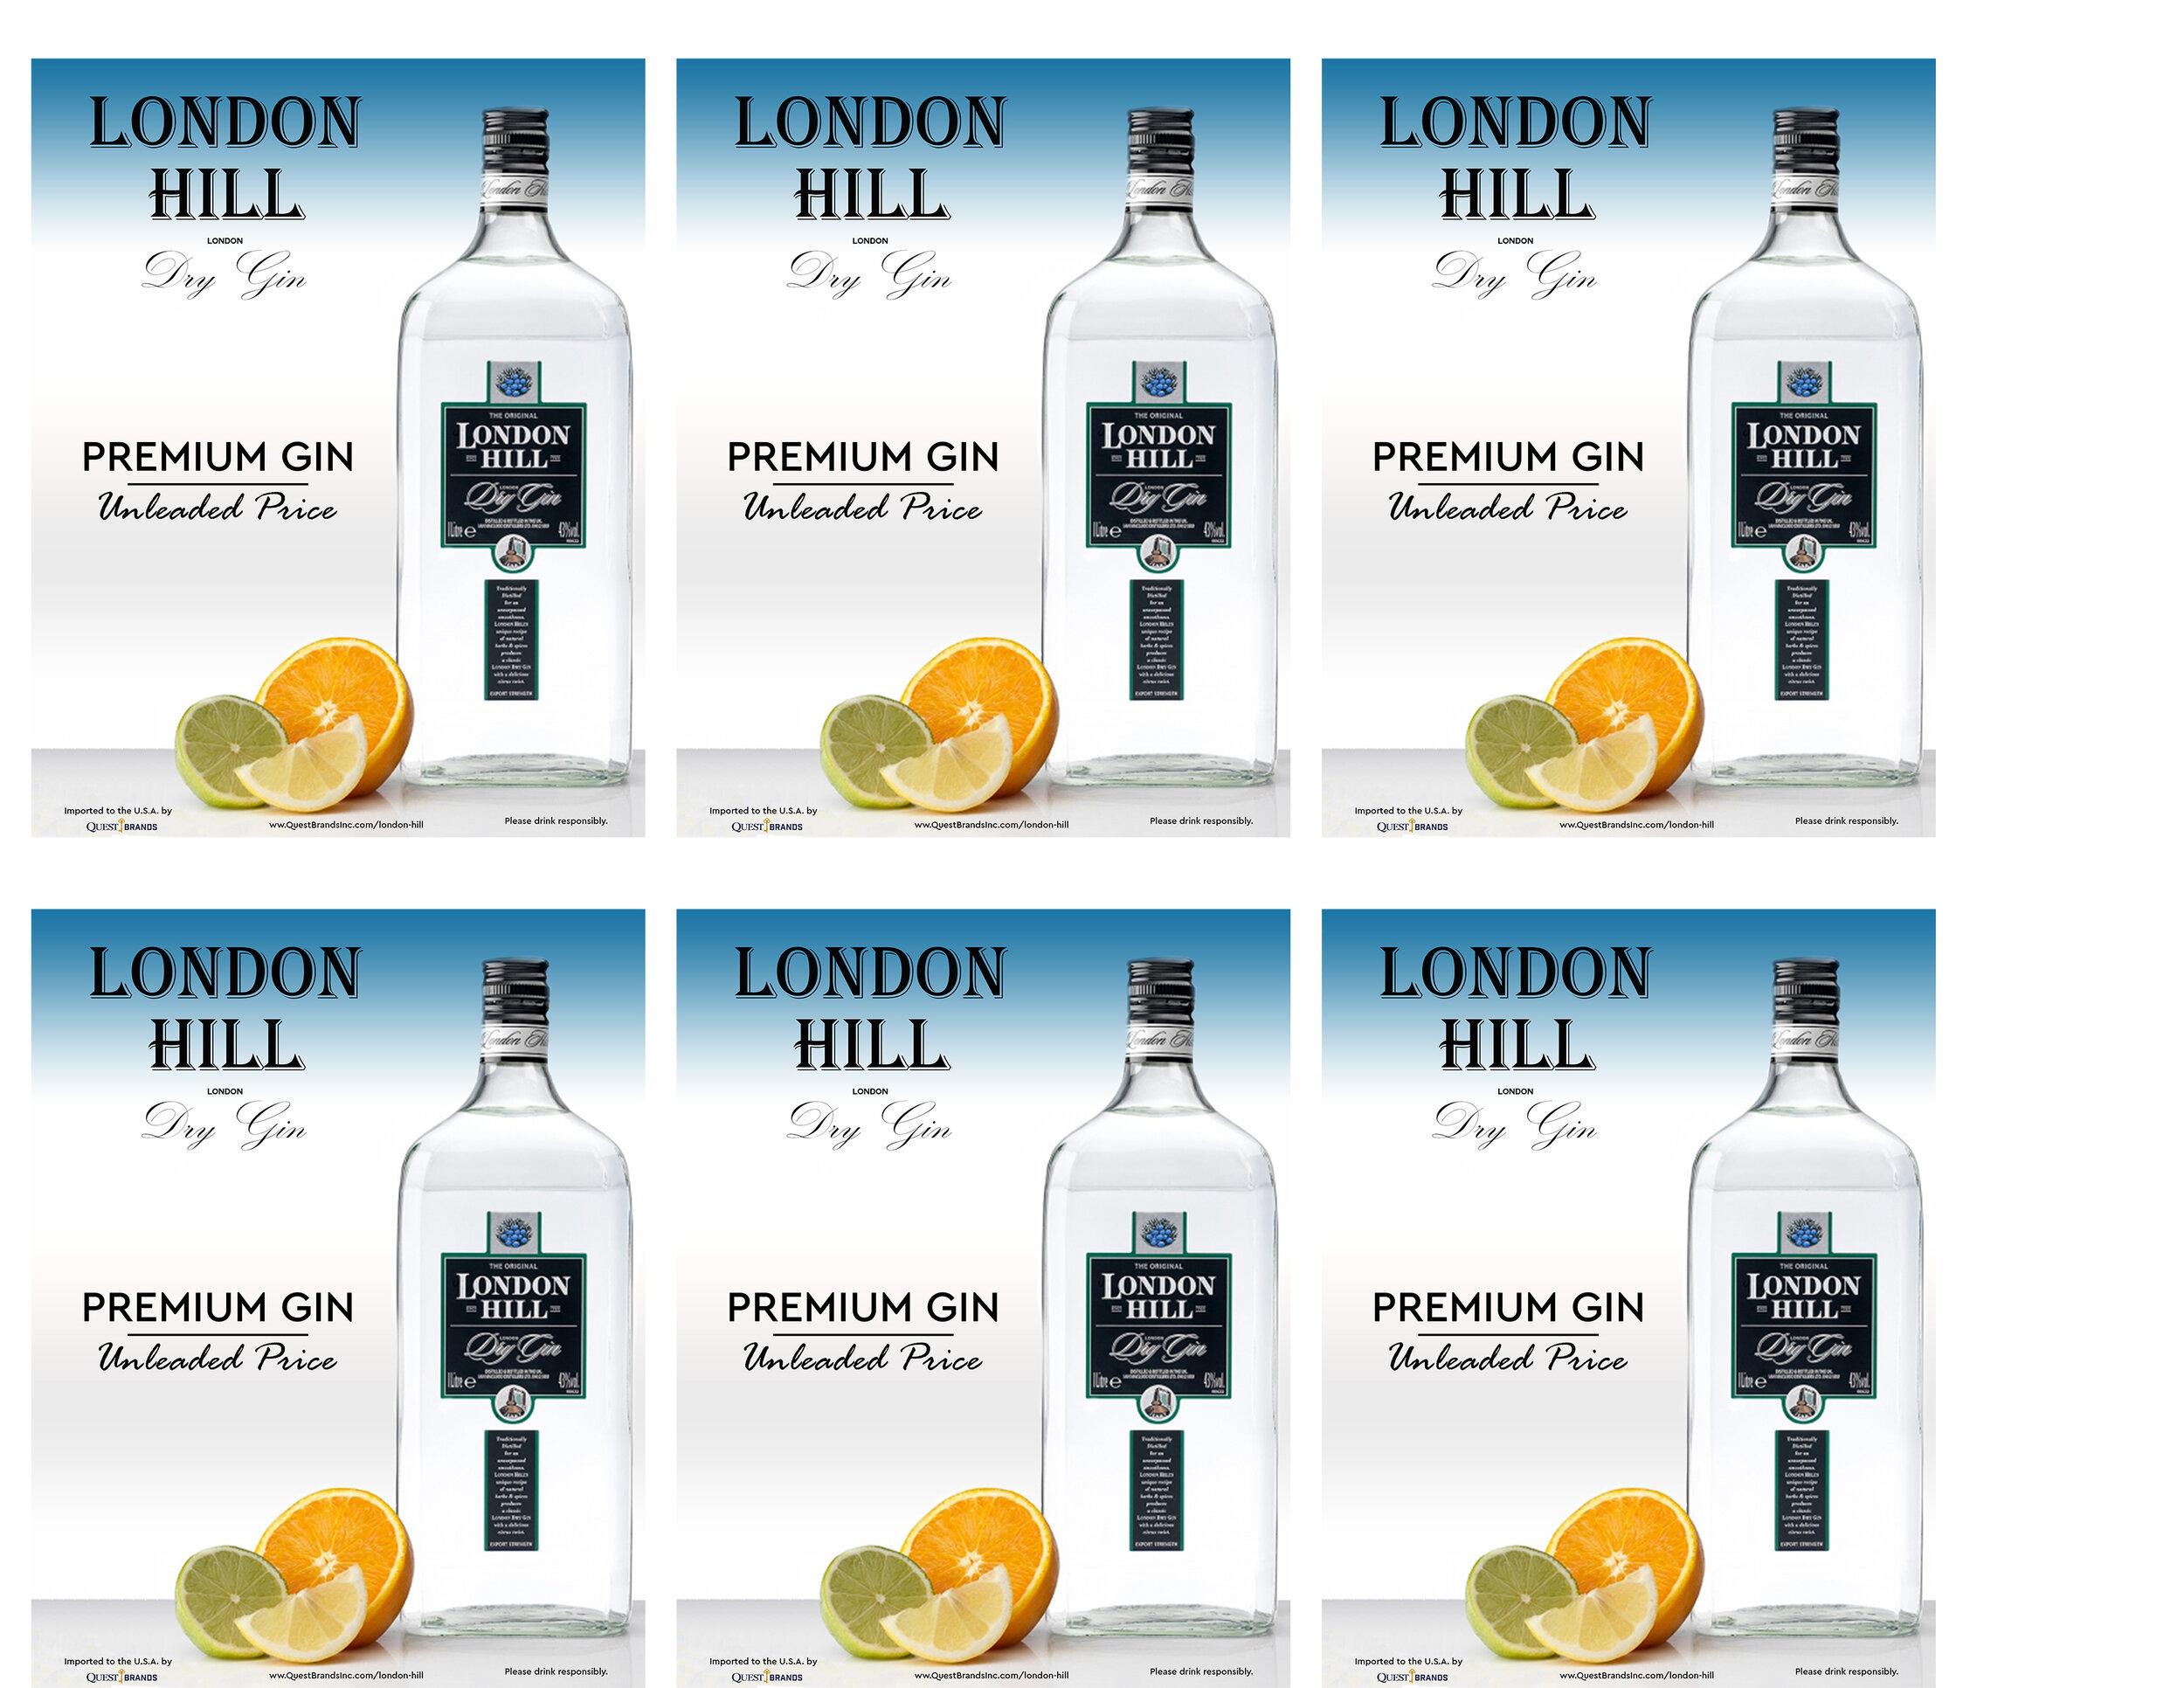 London Hill shelf talker 3x4.jpg